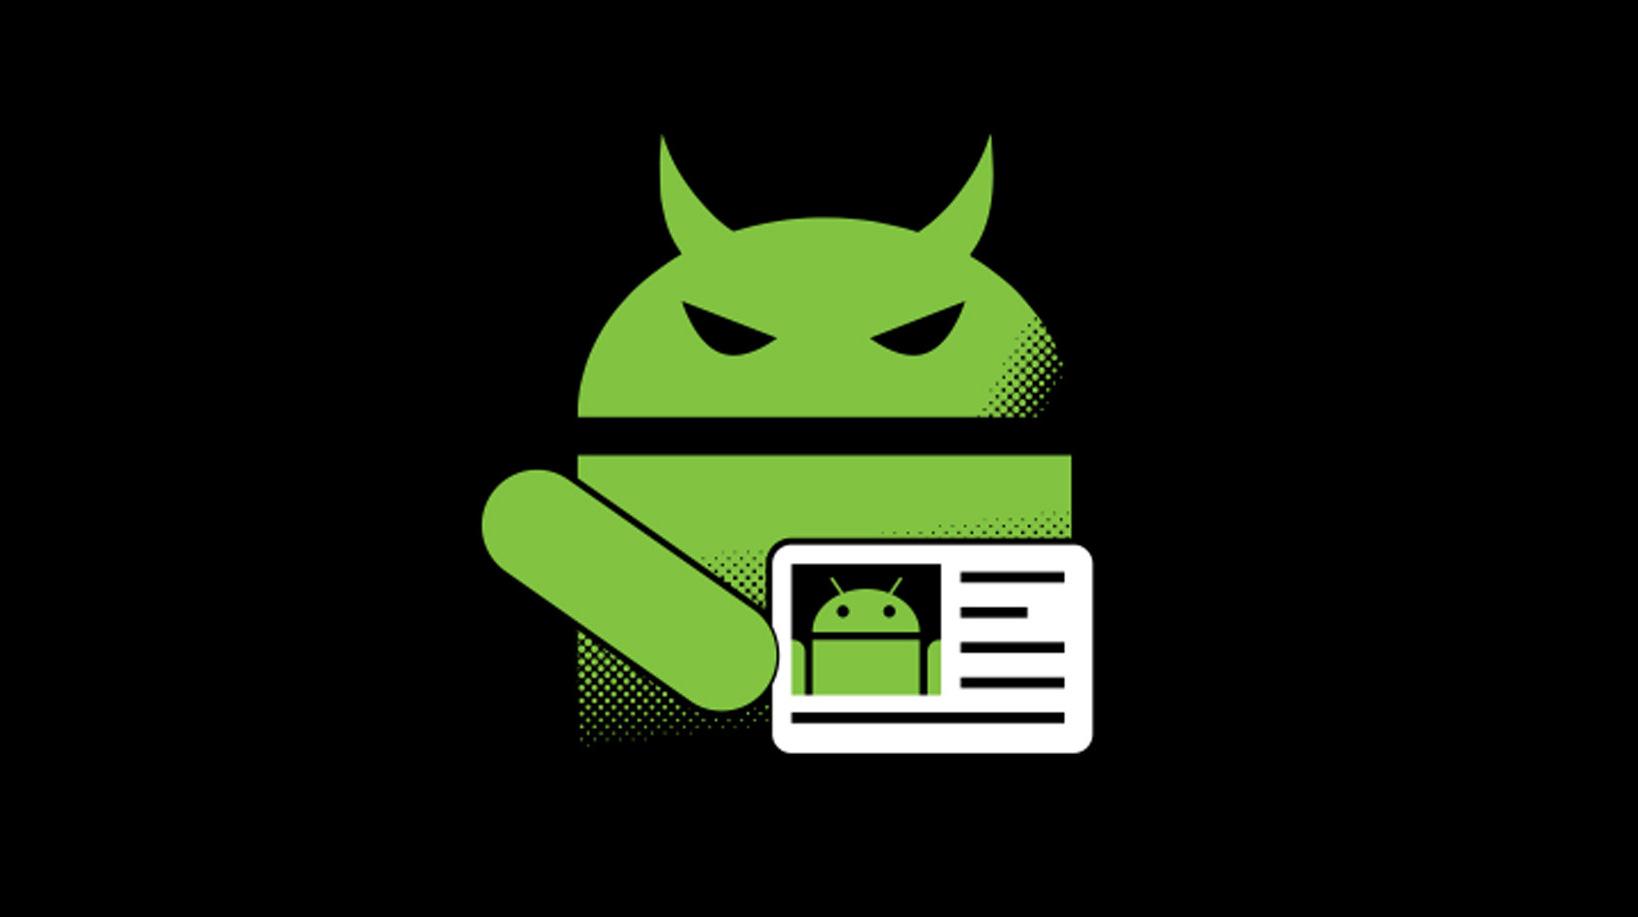 Srpnová aktualizace Androidu opravuje kritickou chybu některých Snapdragonů